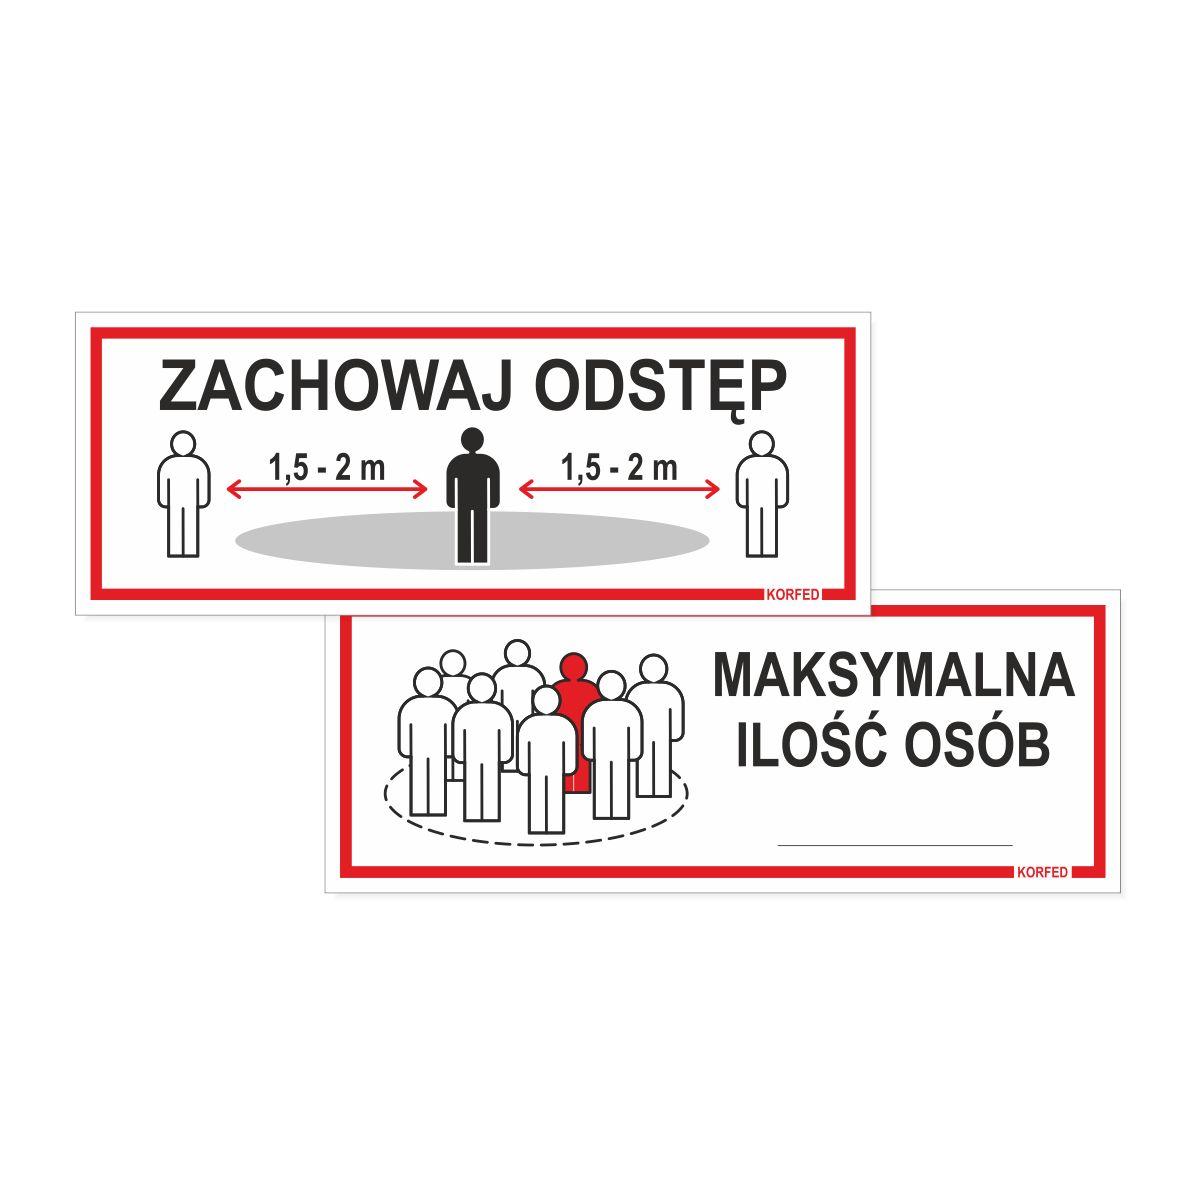 Oznakowanie epidemiczne covid19 - tabliczki plastikowe ZACHOWAJ ODSTĘP i MAKSYMALNA ILOŚĆ OSÓB - wodoodporne